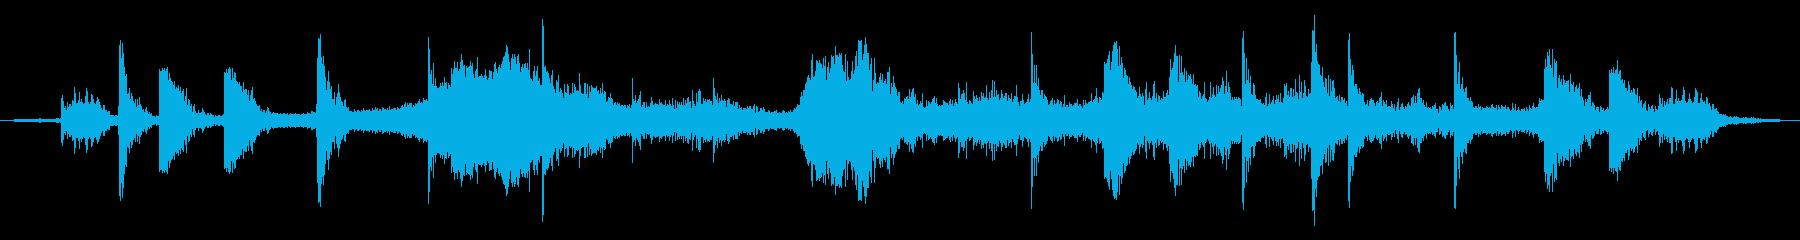 戦場イメージの効果音(タイプB)の再生済みの波形